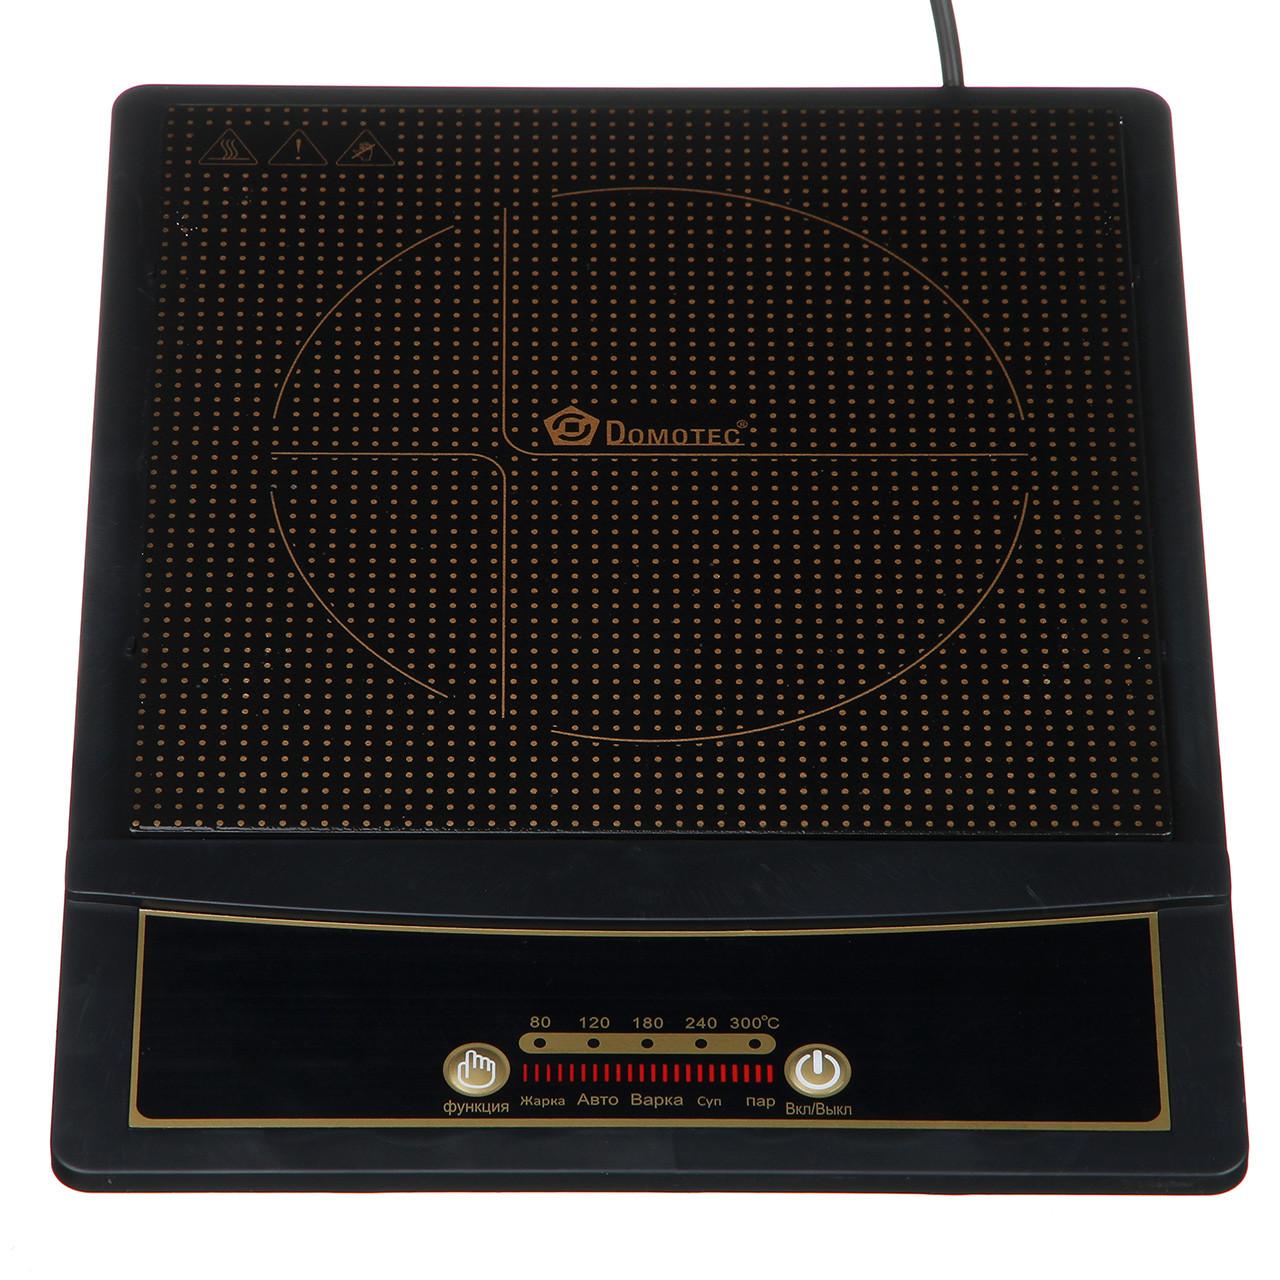 Індукційна електроплитка Domotec (MS 5832)